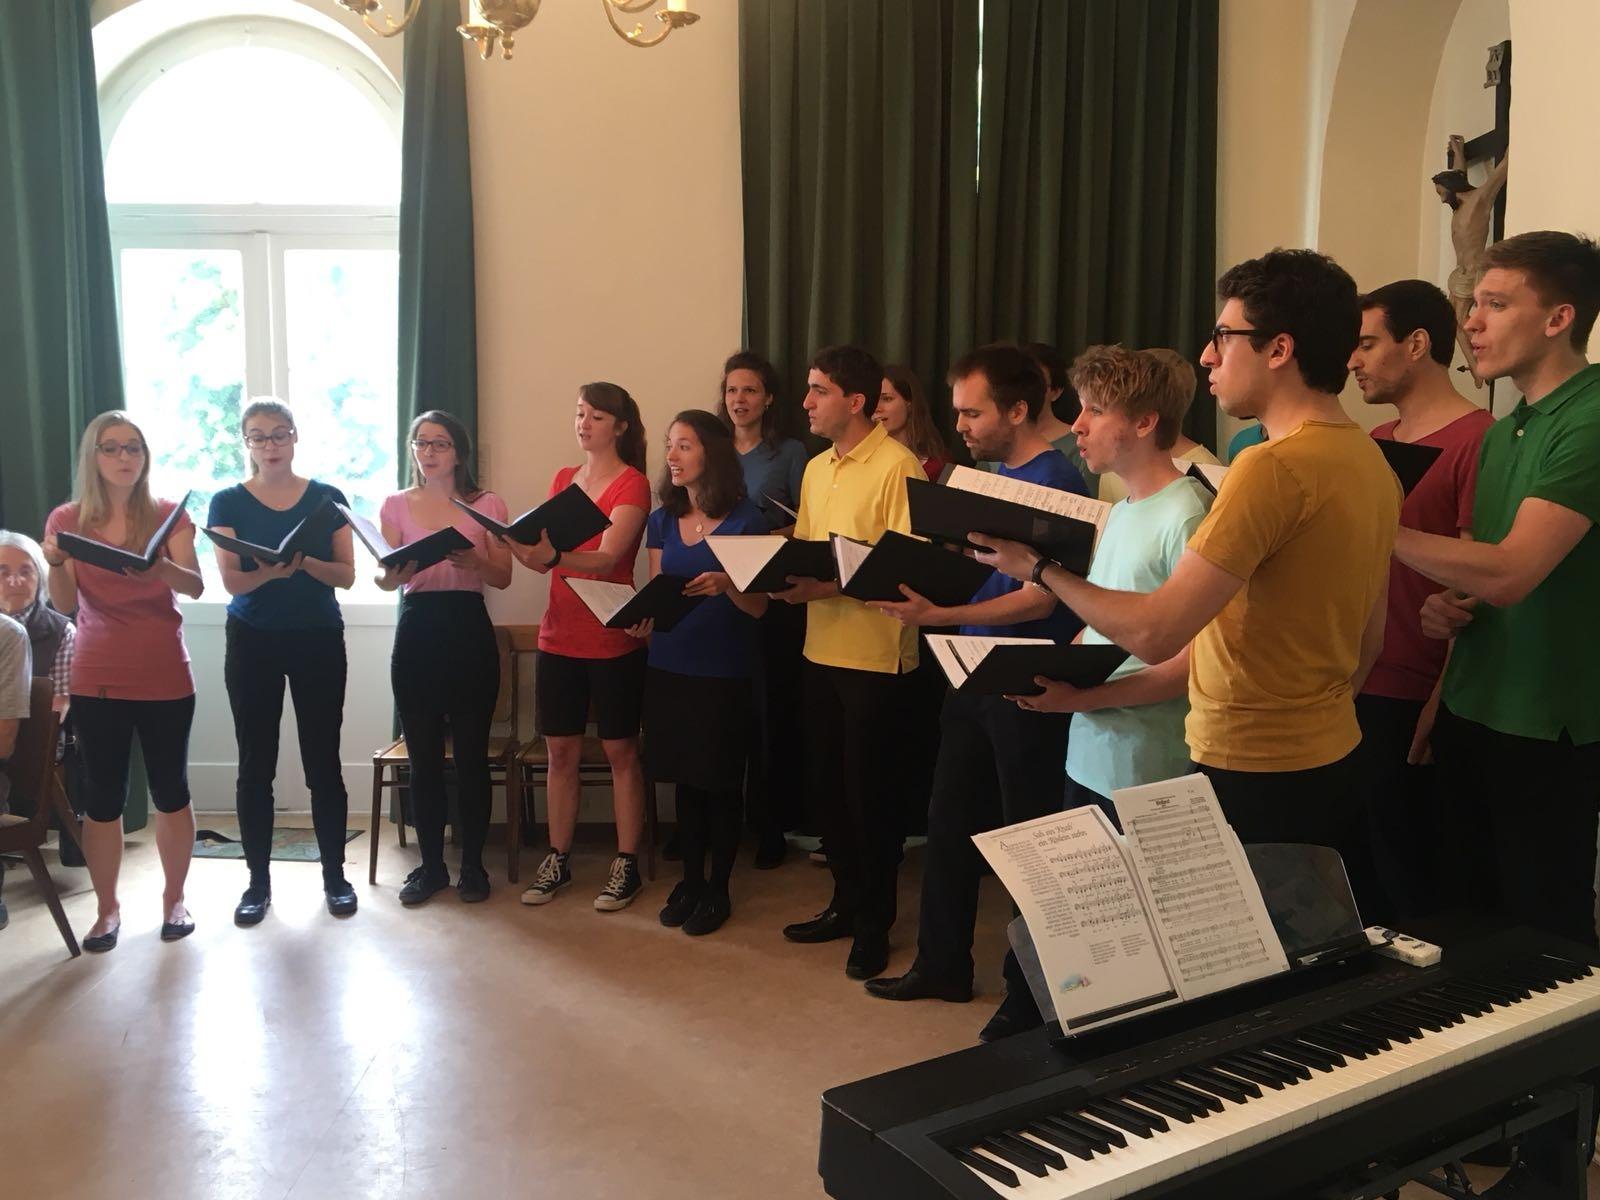 Offenes Singen im Generationencafé Weidling